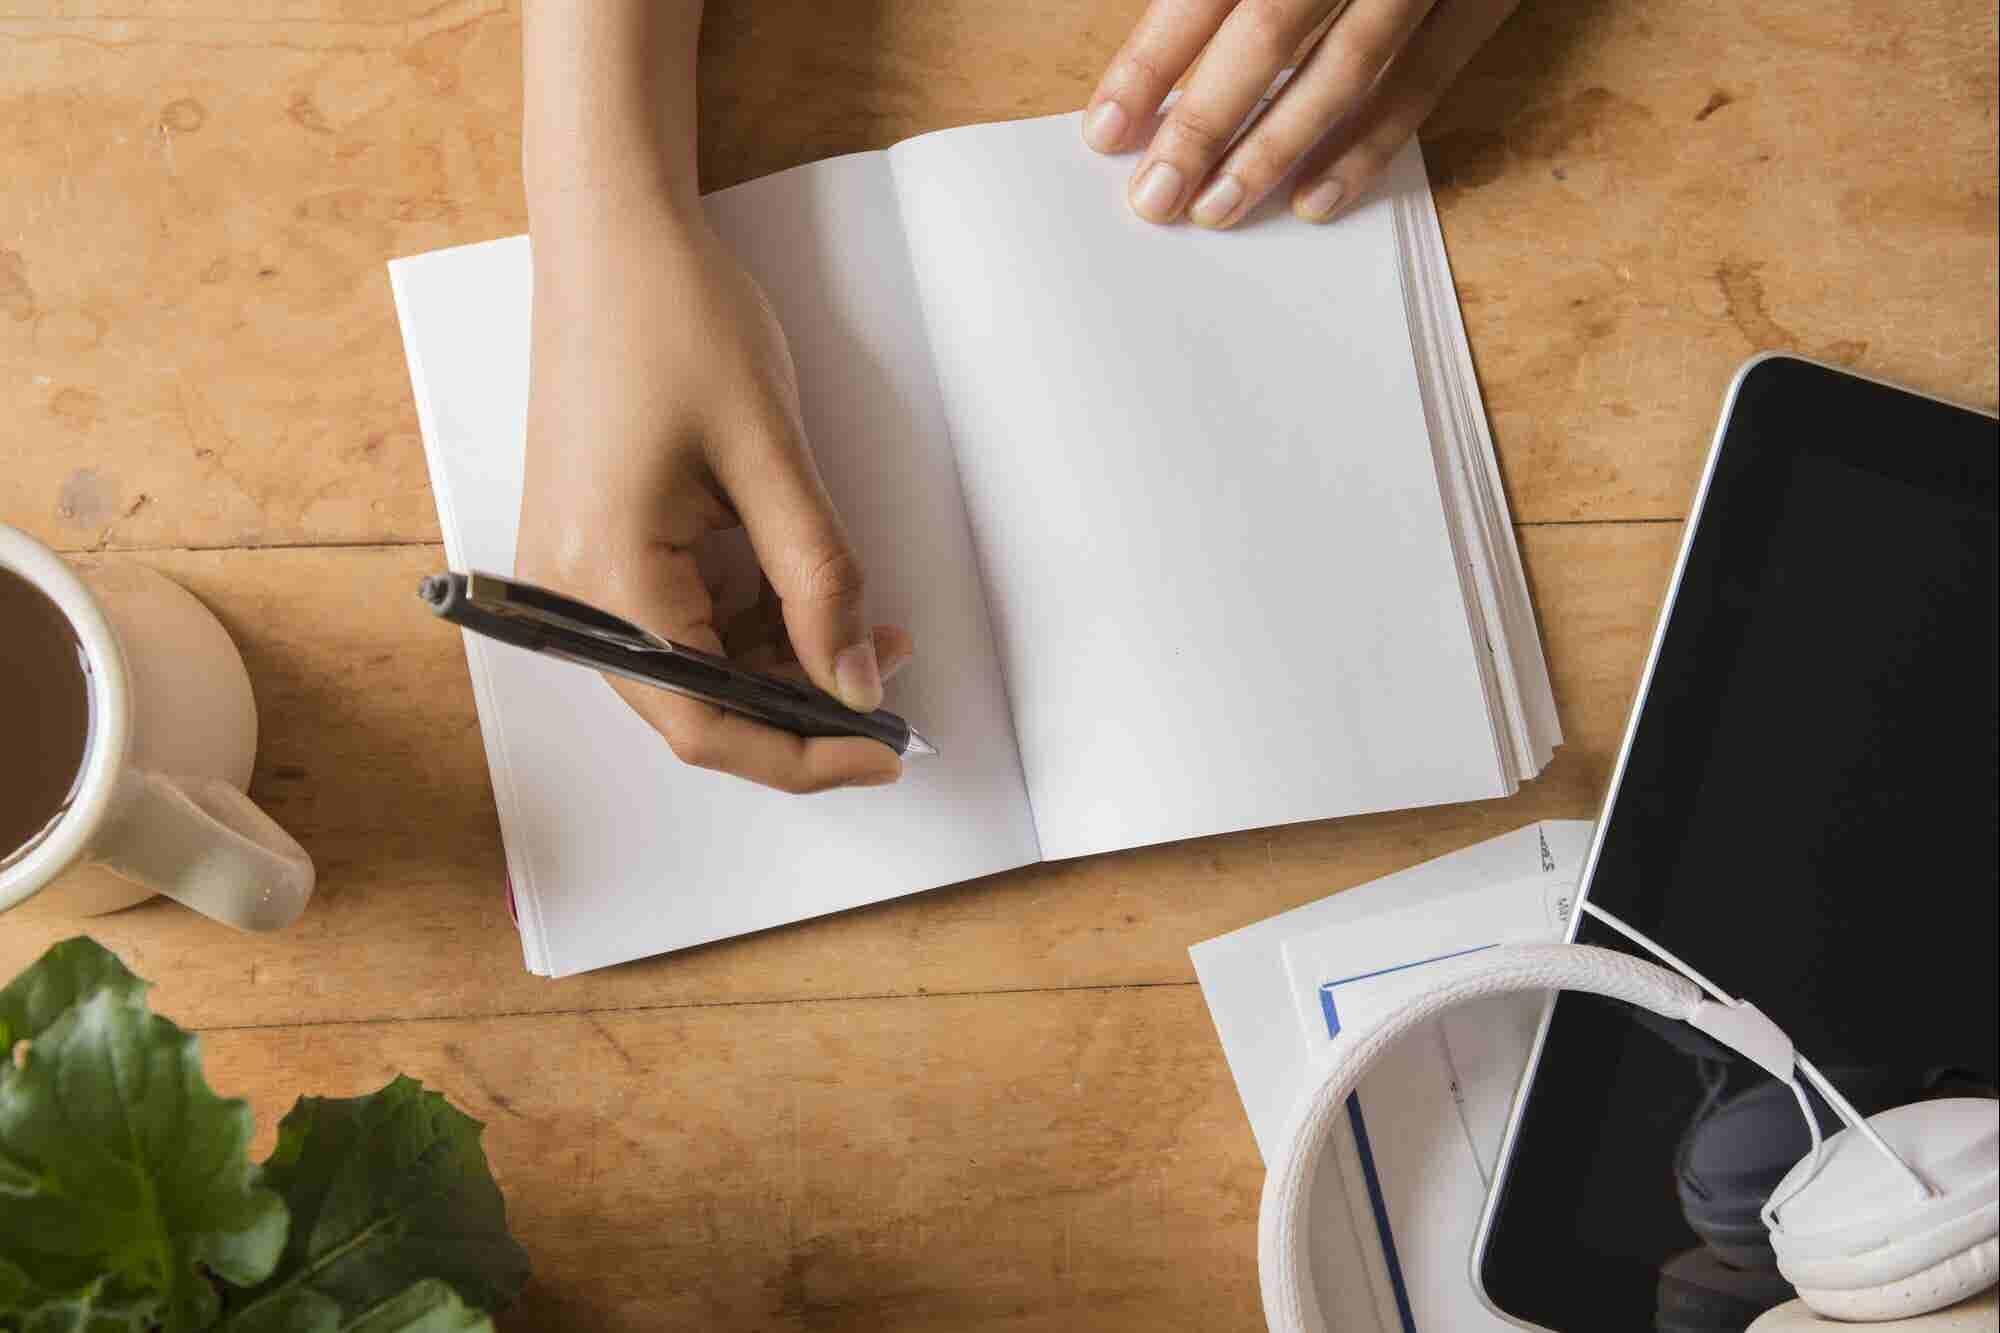 ¿Quieres ser más exitoso? Escribe mejor. Aquí te decimos cómo.